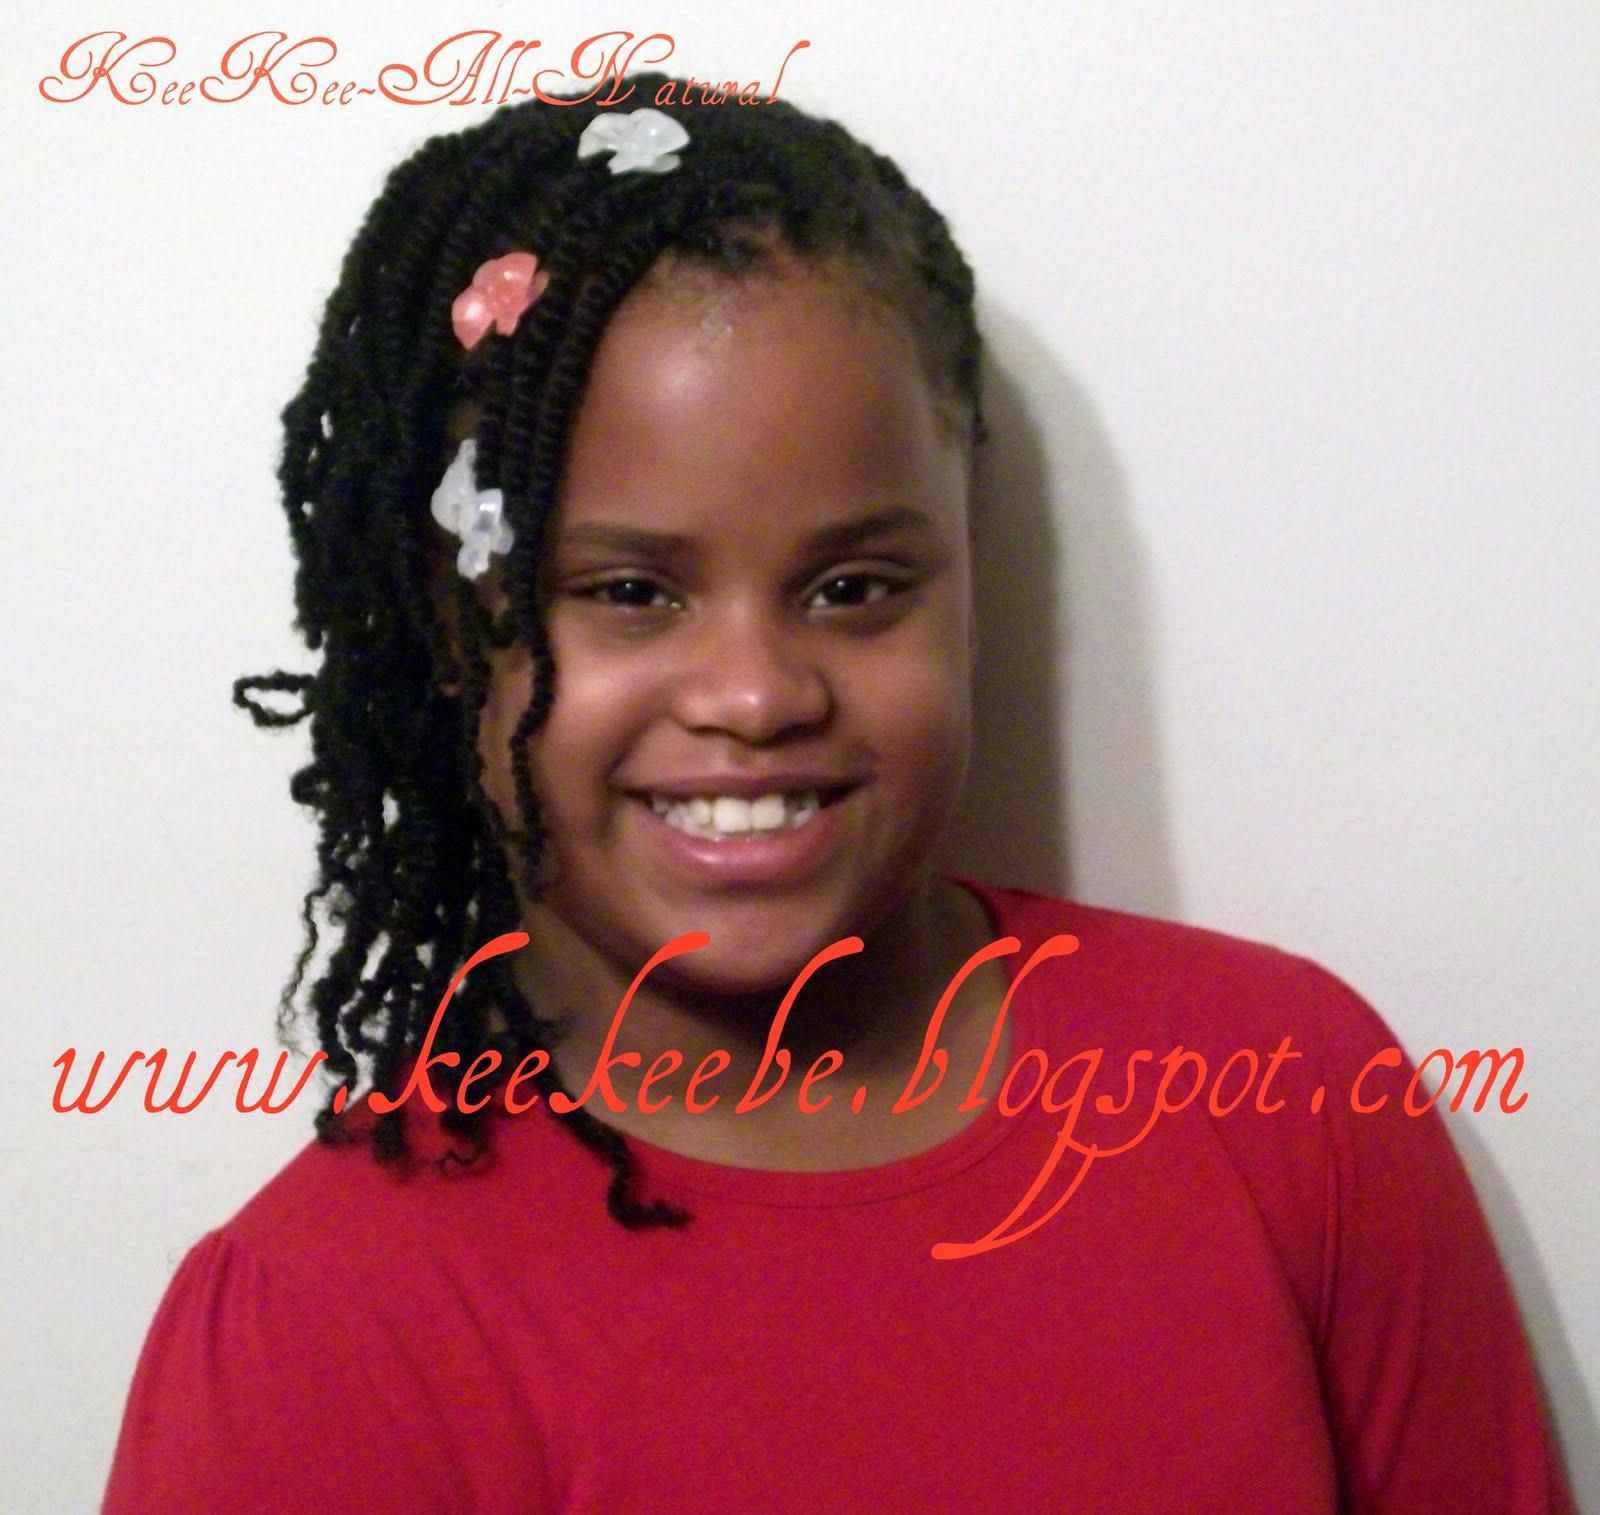 hairstyles tweens